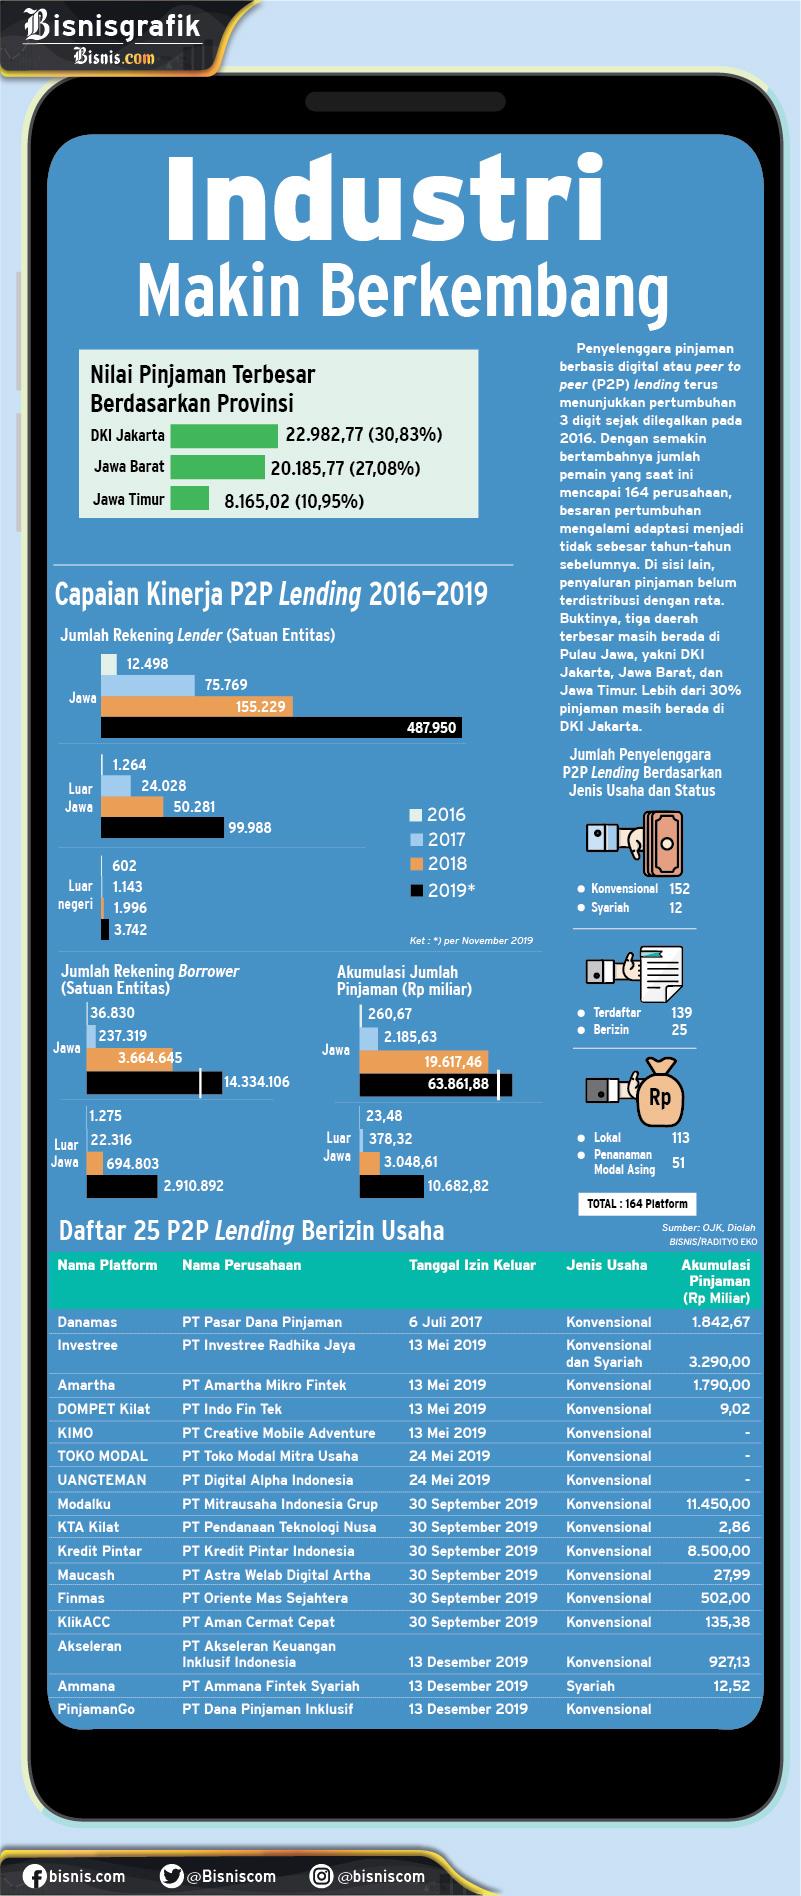 Infografik perkembangan fintech P2P lending di Indonesia. - Bisnis